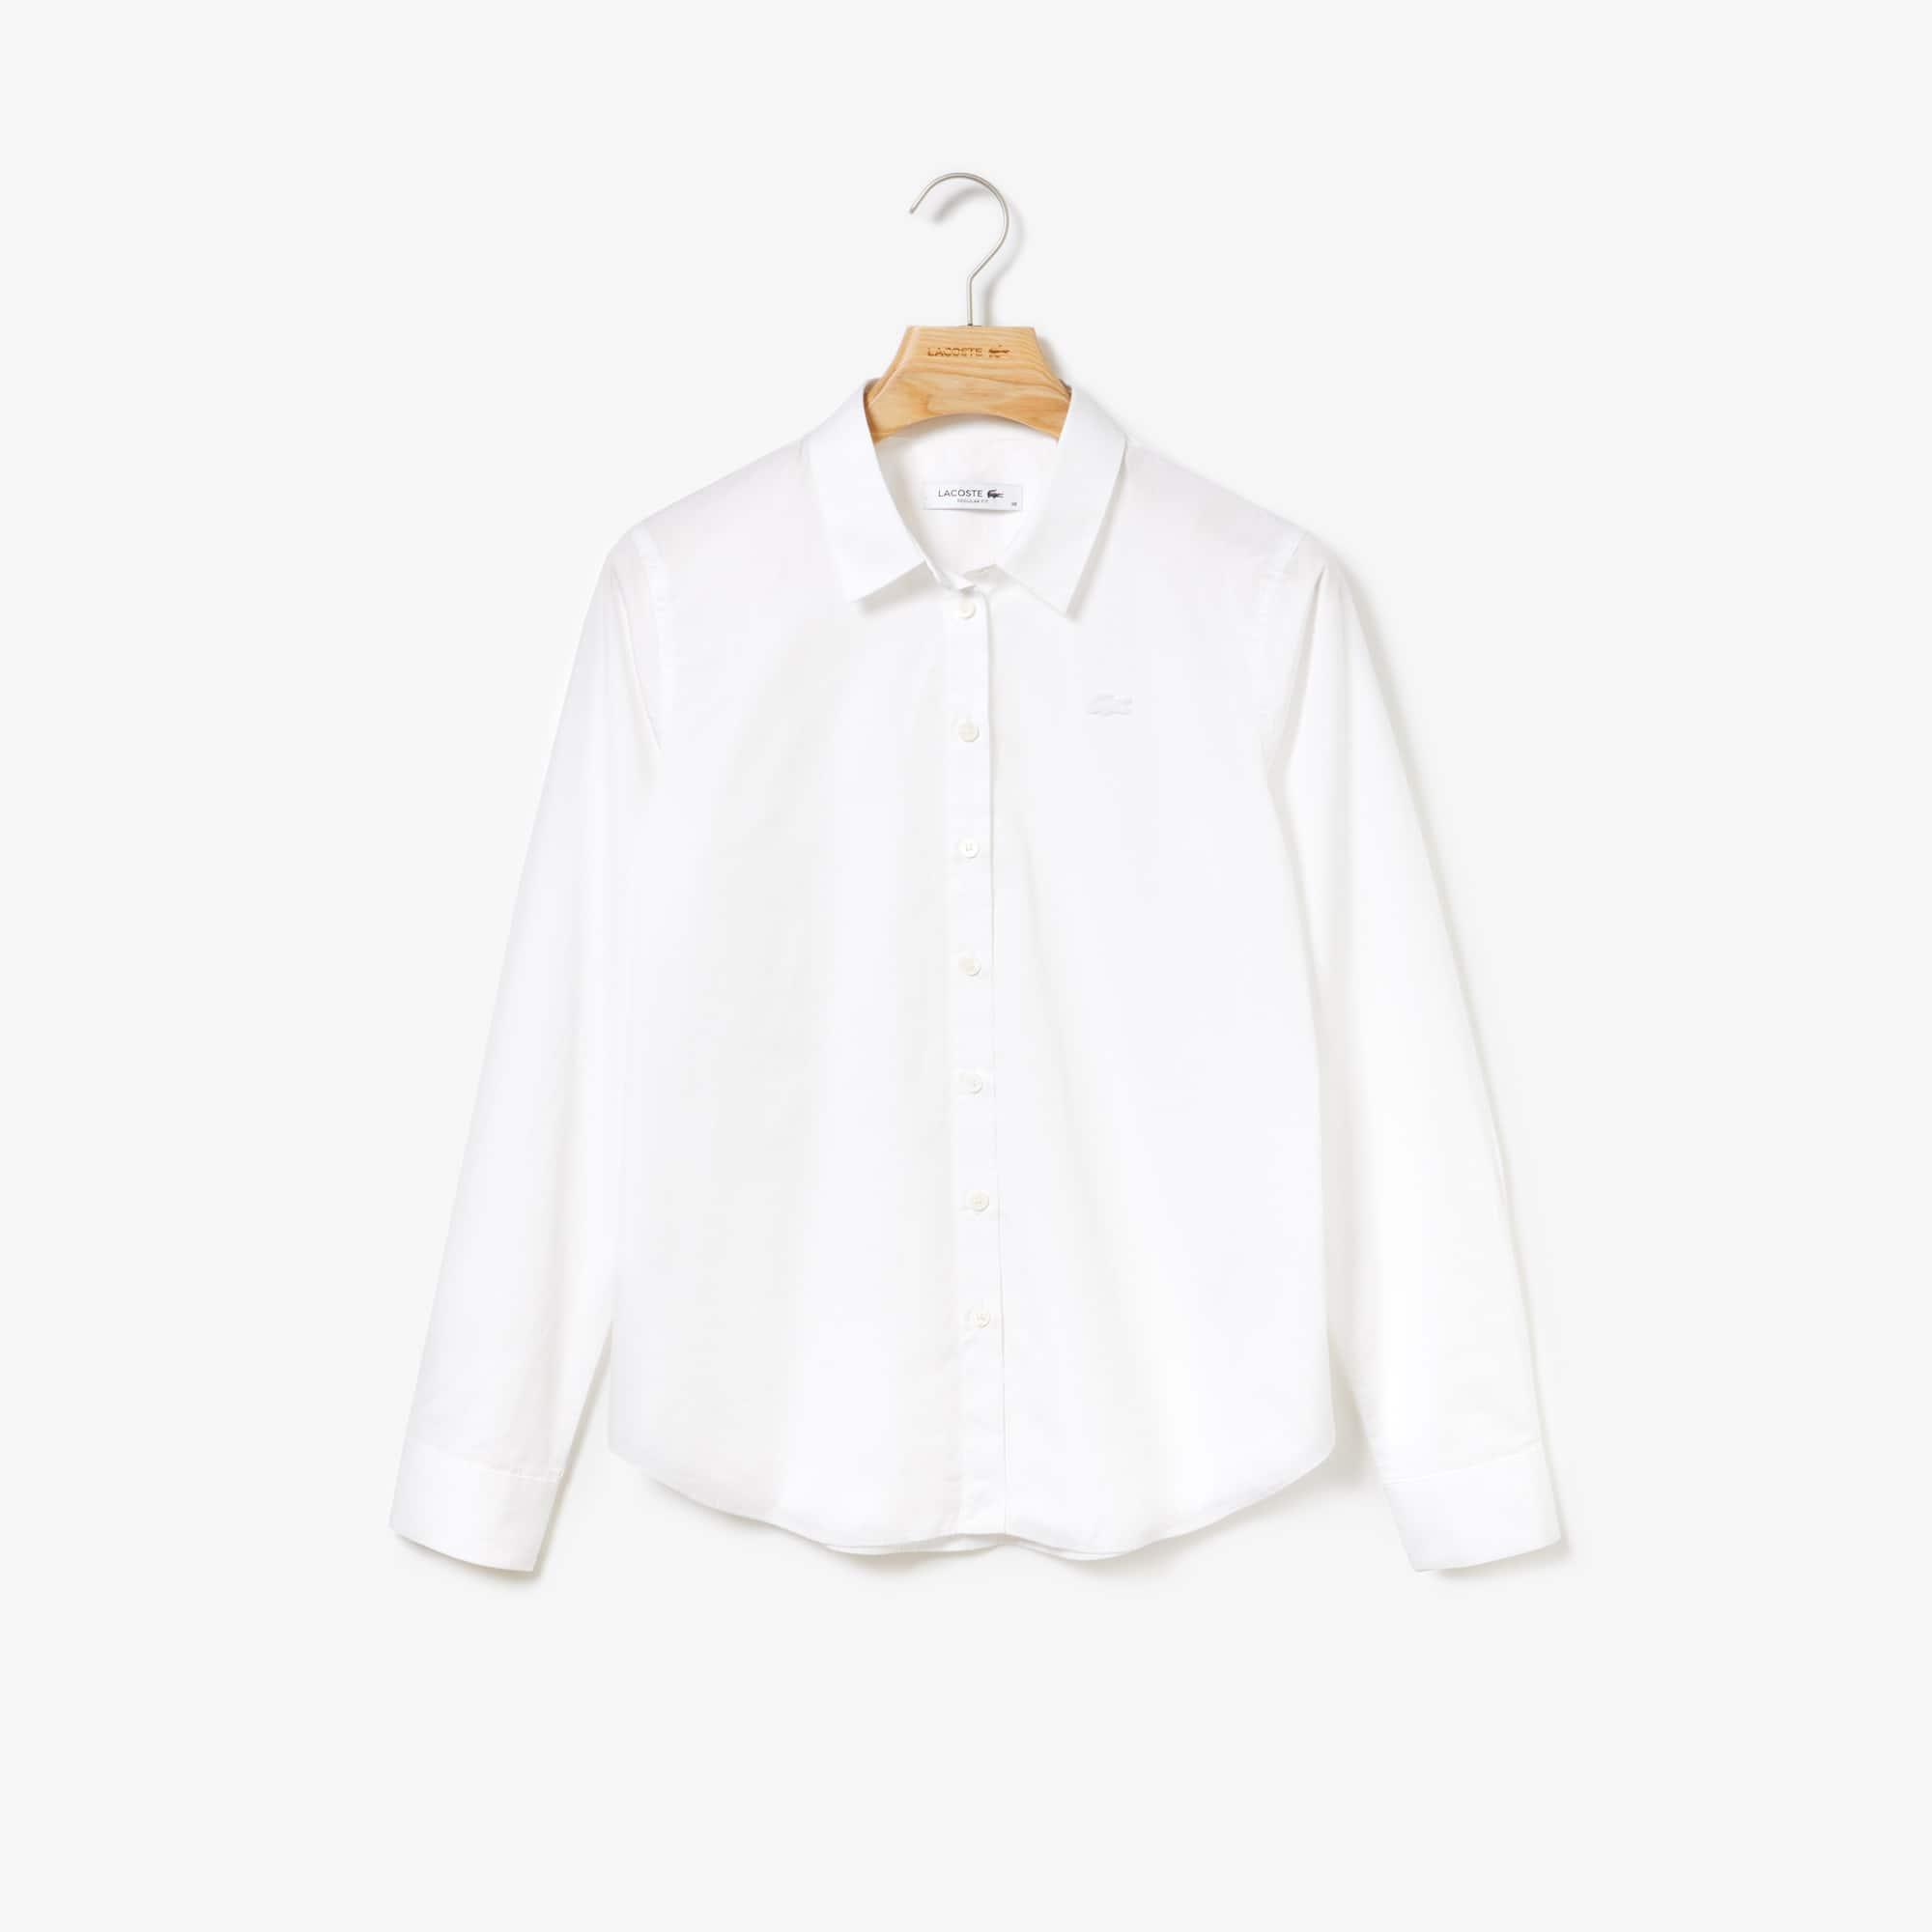 9190efd1c4 Femme Lacoste Hauts amp; Vêtements Chemises pIBtTqx